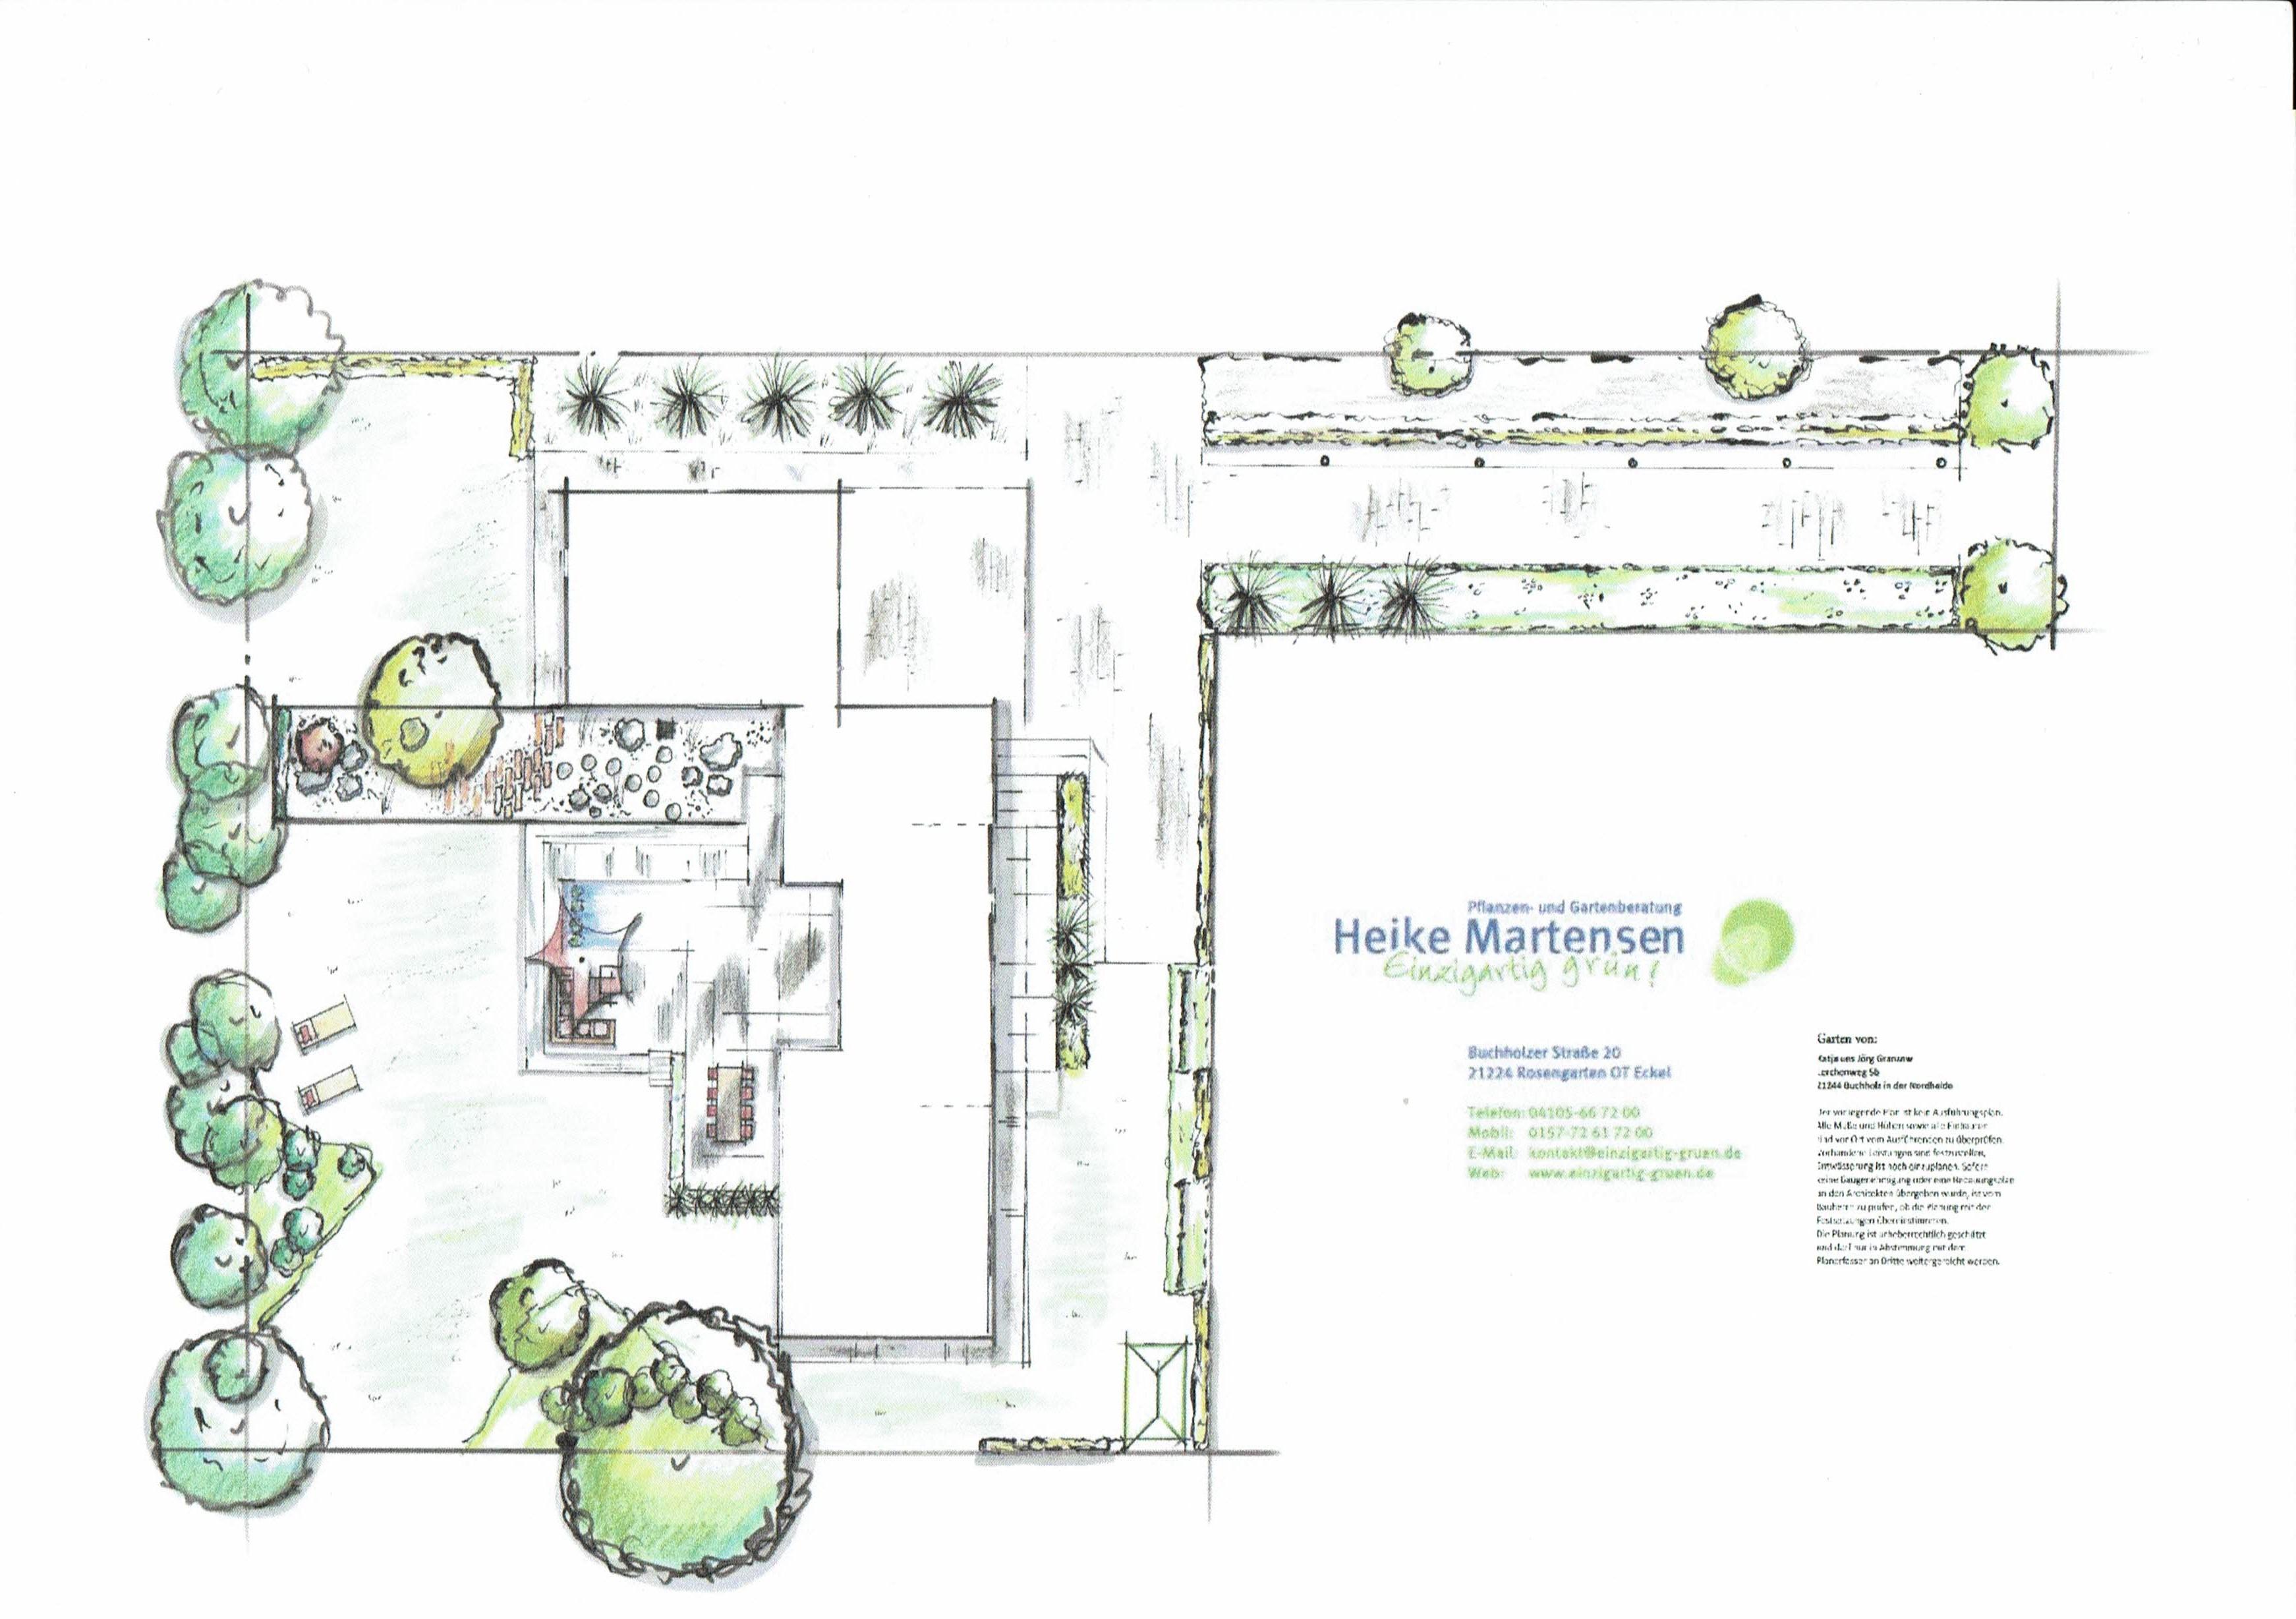 Privatgarten, Buchholz, Einzigartig Grün, Heike Martensen